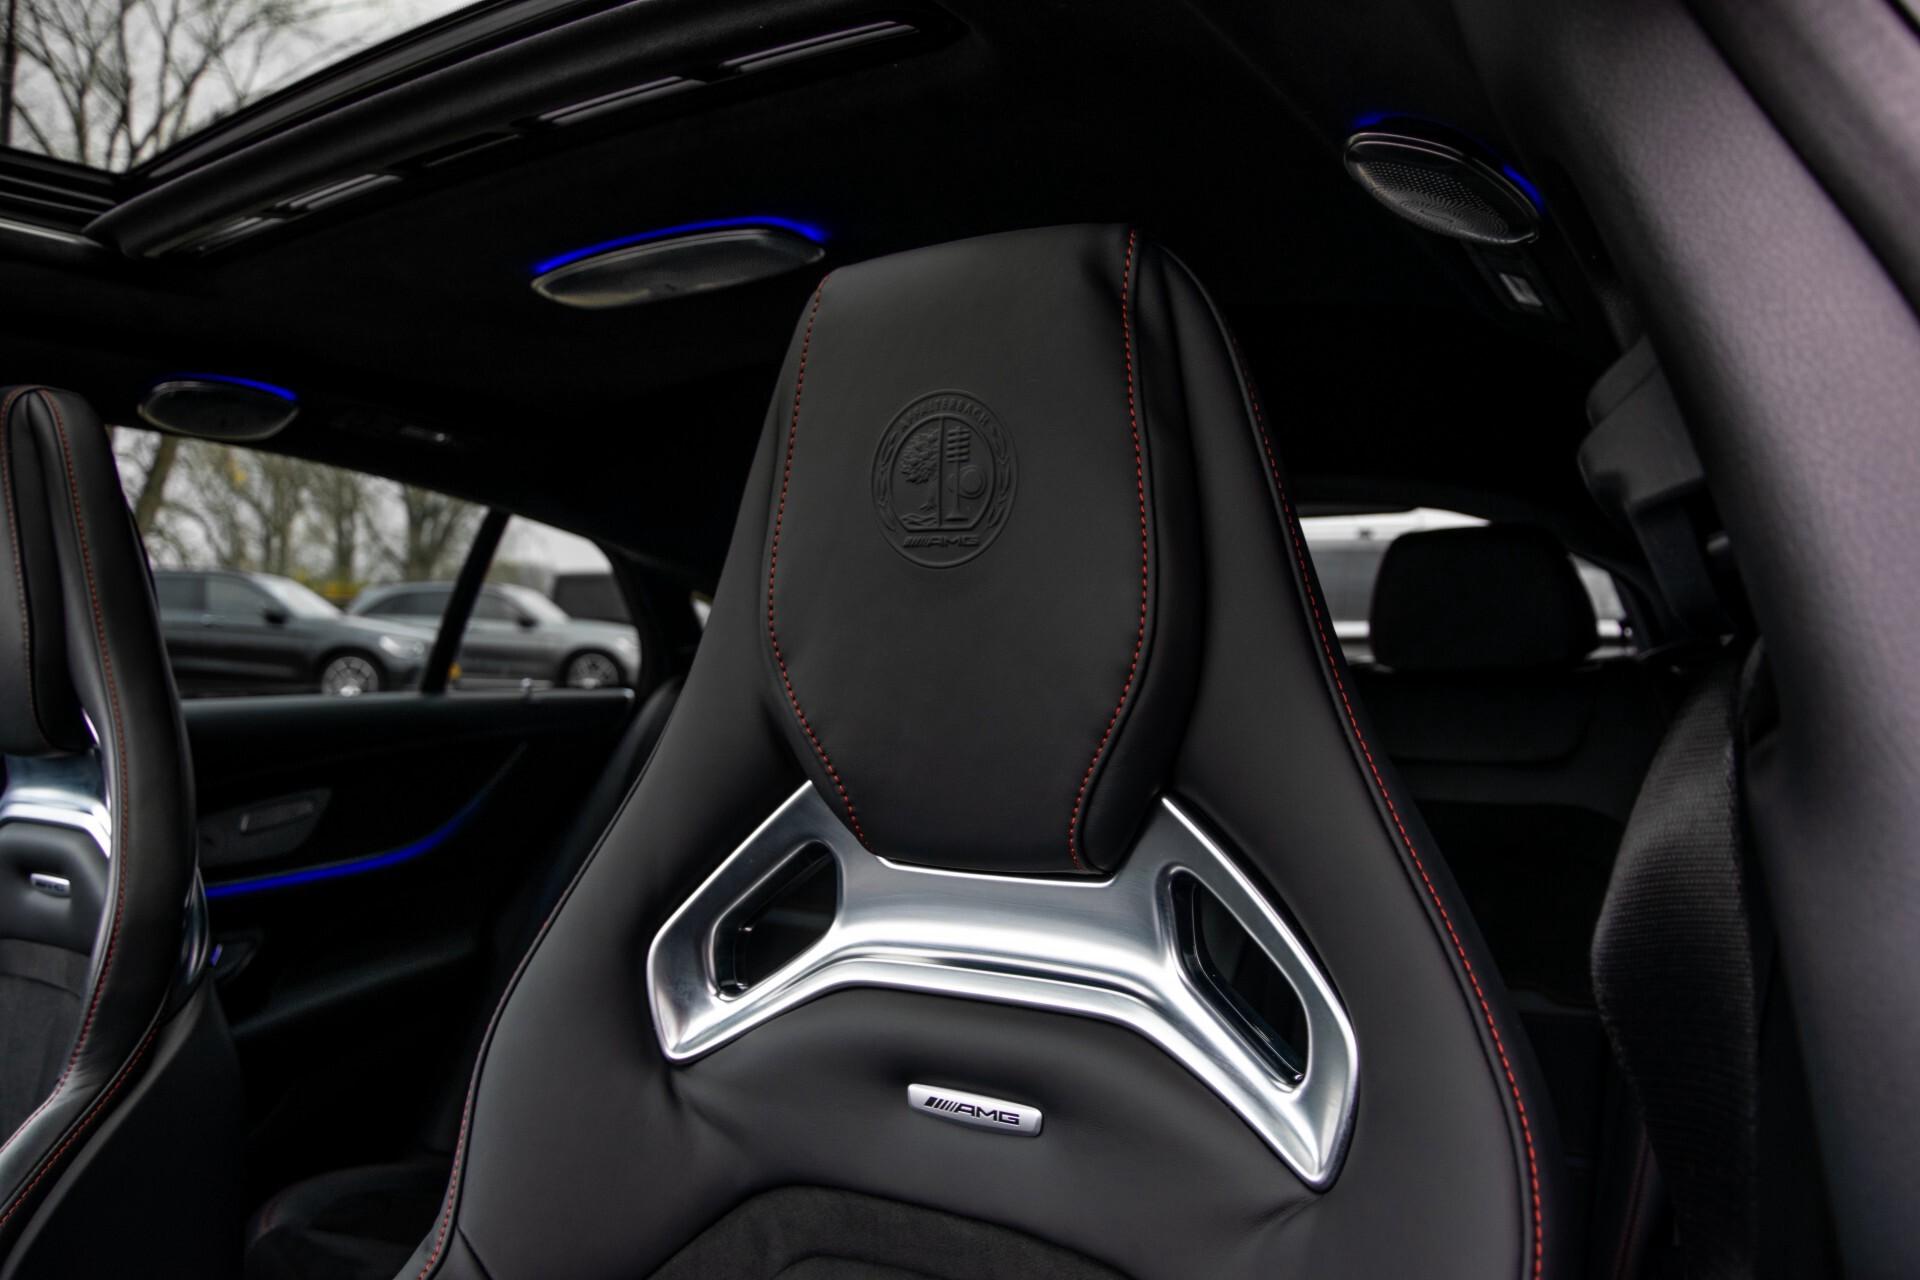 Mercedes-Benz AMG GT 4-Door Coupe 63 S 4M+ Keramisch/Full Carbon/Aerodynamica/Burmester 3D/TV/Performance stoelen/Standkachel Aut9 Foto 53